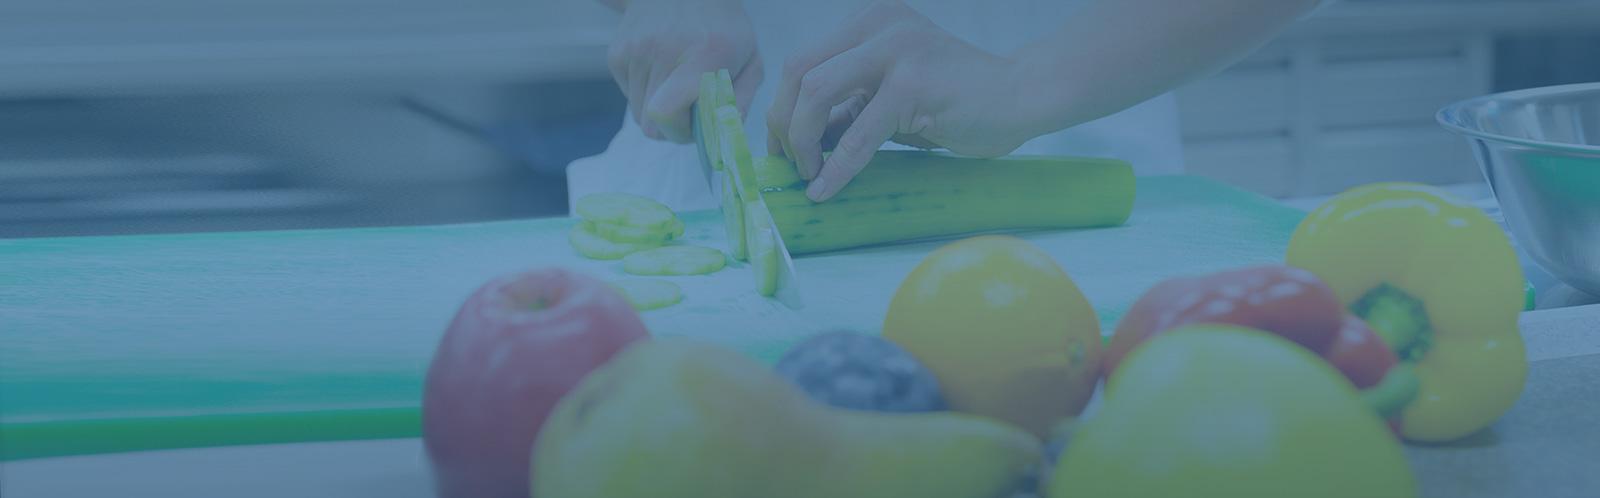 Gesundes Gemüse und Obst wird zubereitet